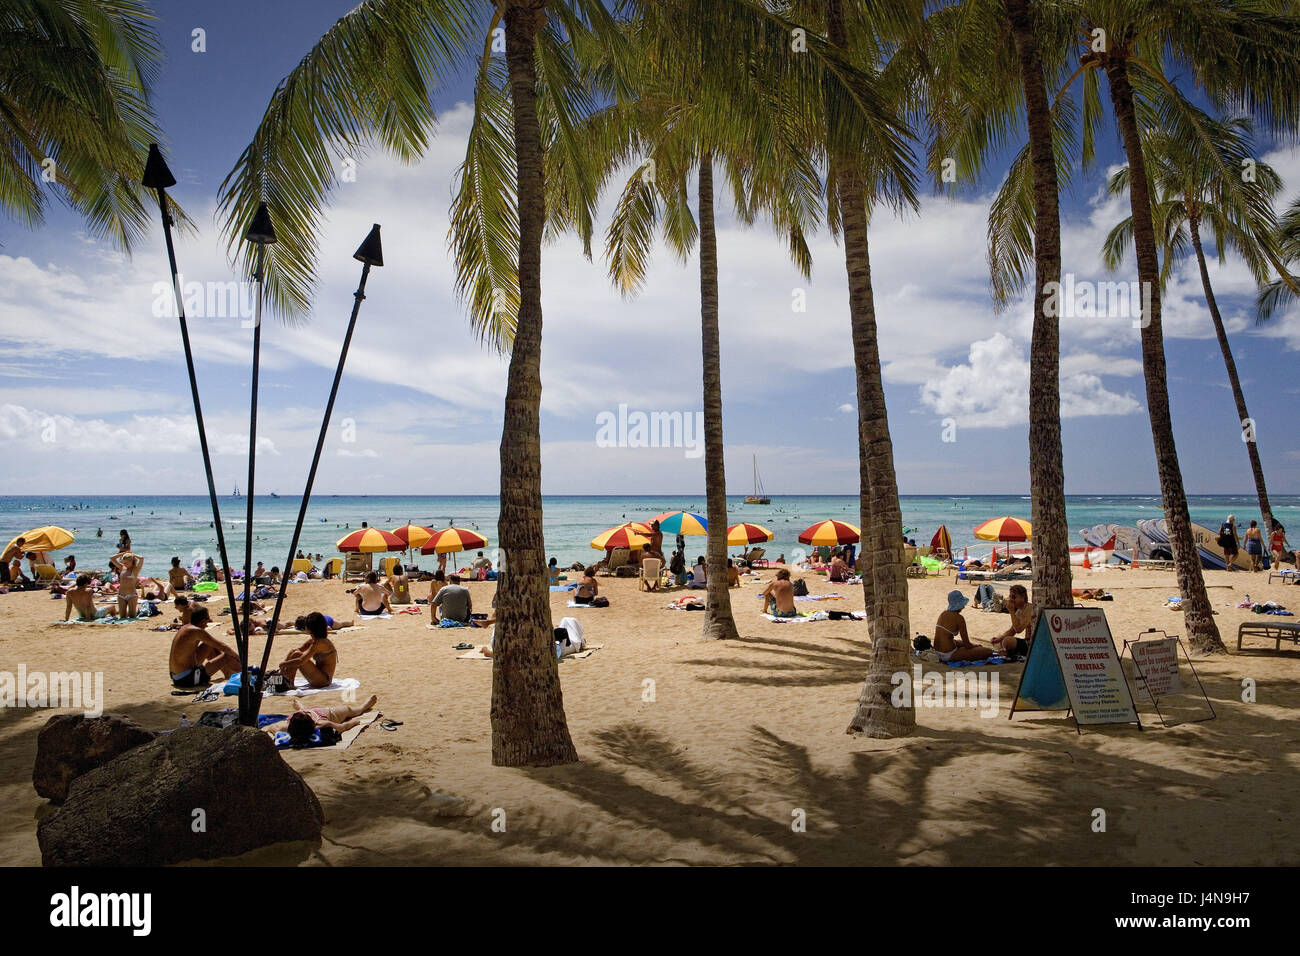 The USA, Hawaii, Oahu Iceland, Honolulu, Waikiki Beach, bathers, the Hawaiian Islands, destination, beach, beach - Stock Image